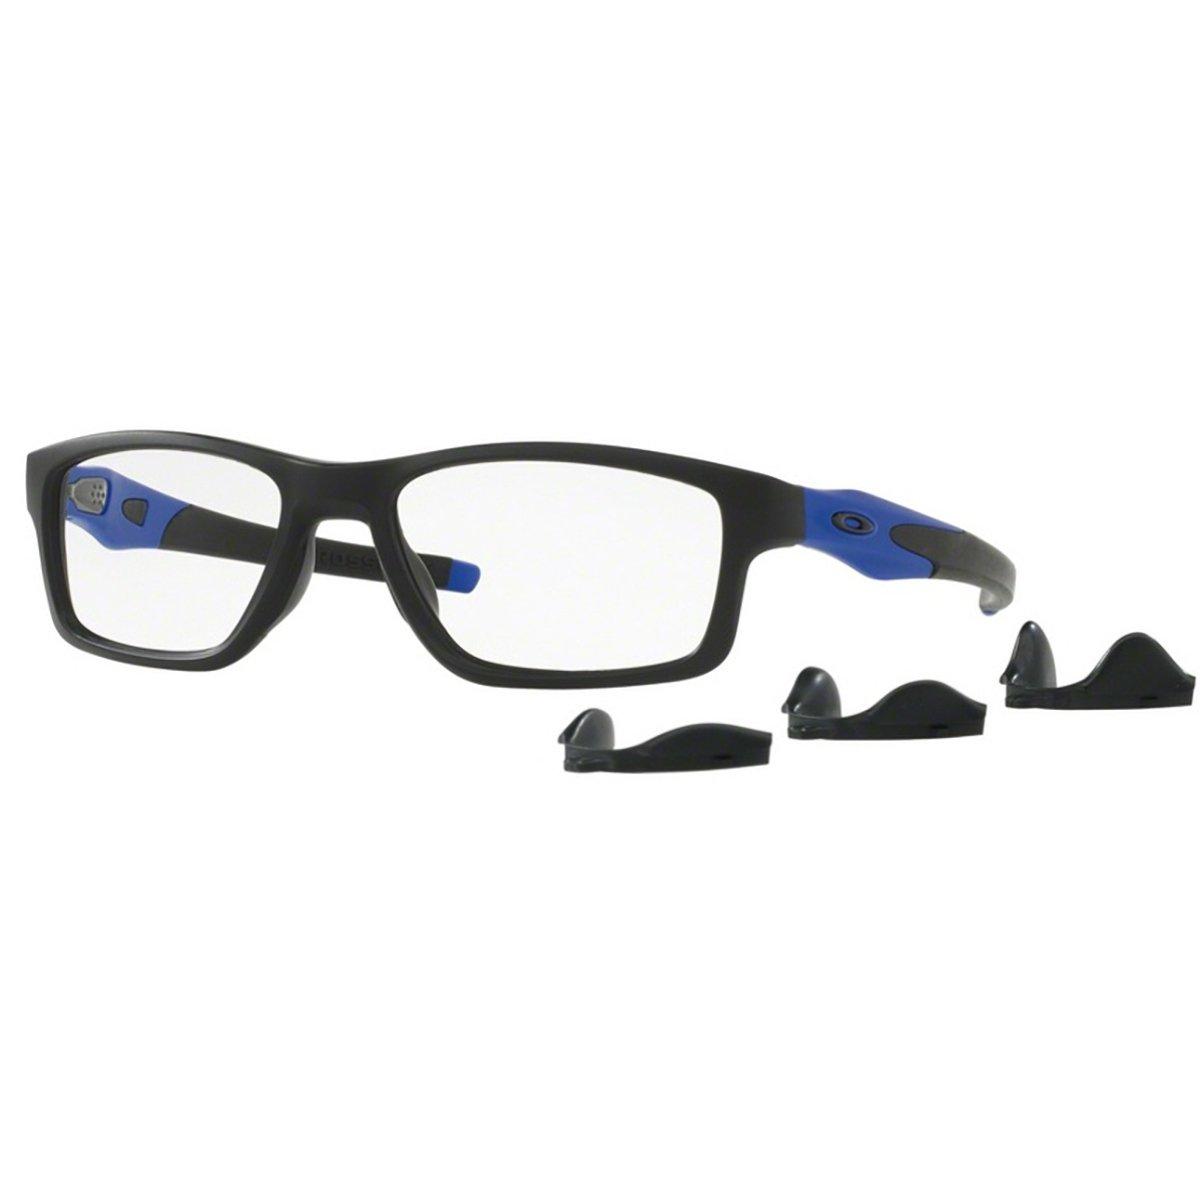 23d2acf76768c Compre Óculos de Grau Oakley Crosslink MNP em 10X